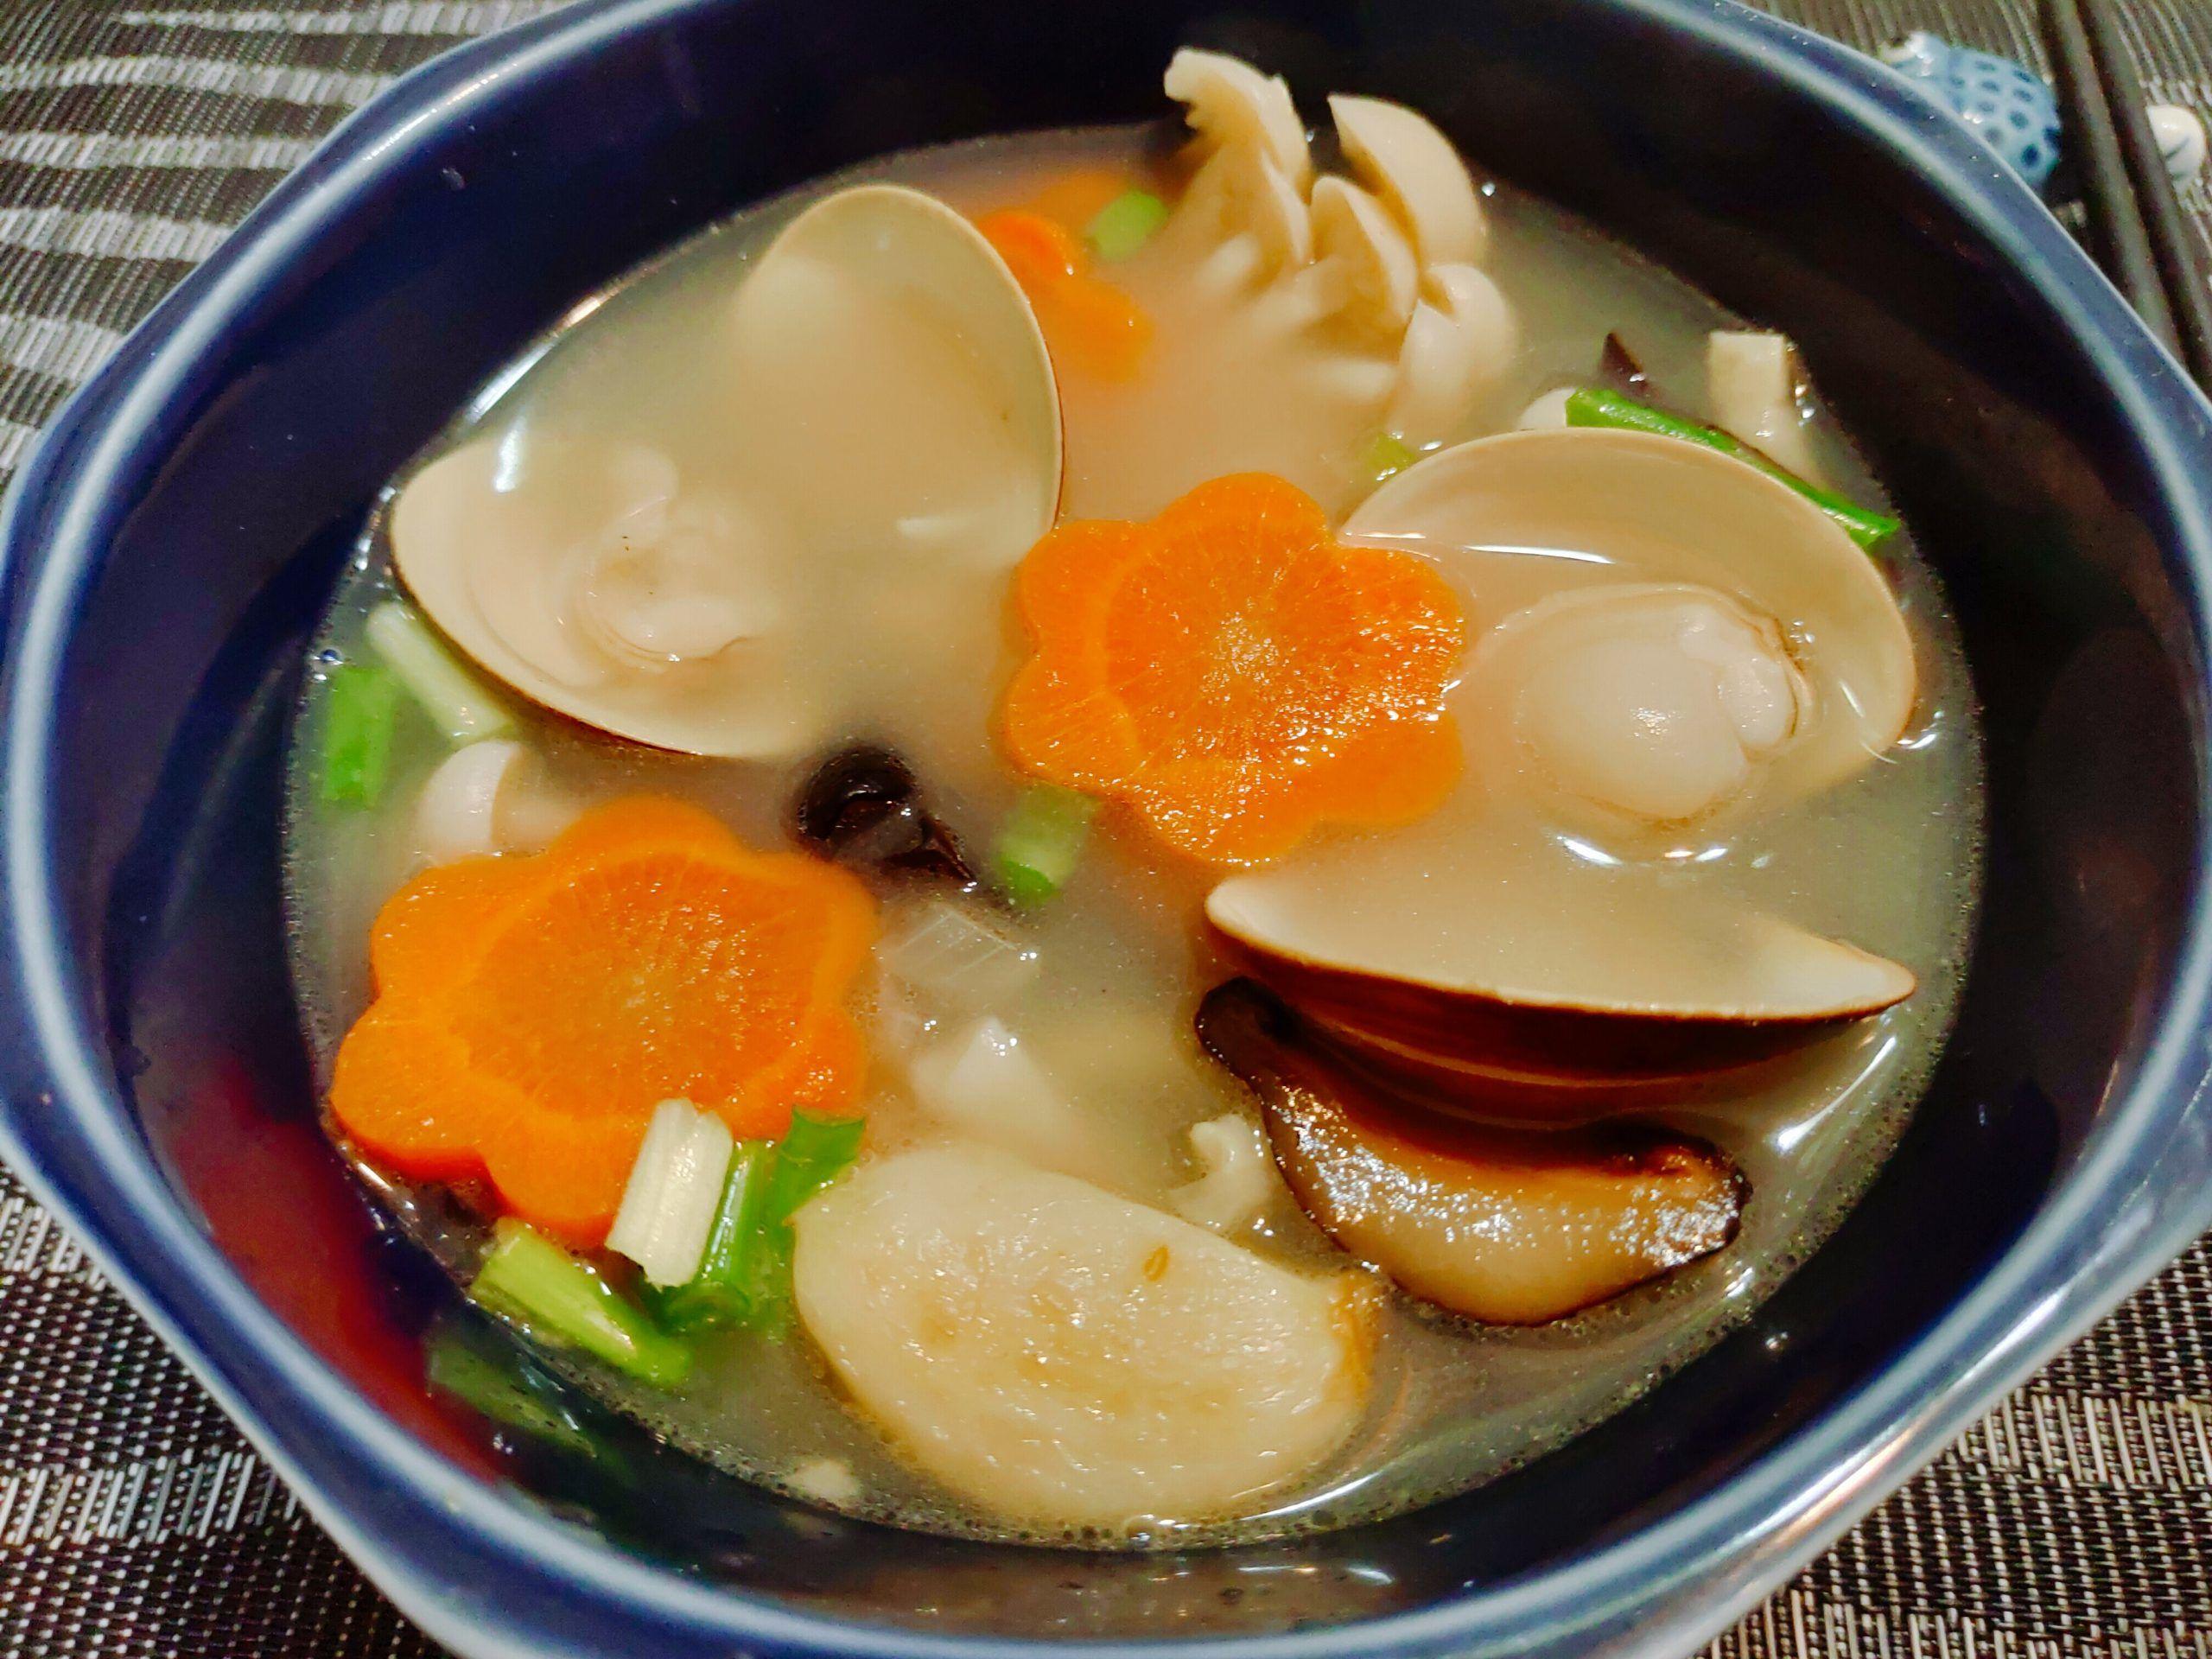 【食譜】養生百菇蛤蜊湯|熬煮後鮮甜的好滋味,簡單溫暖家人的心